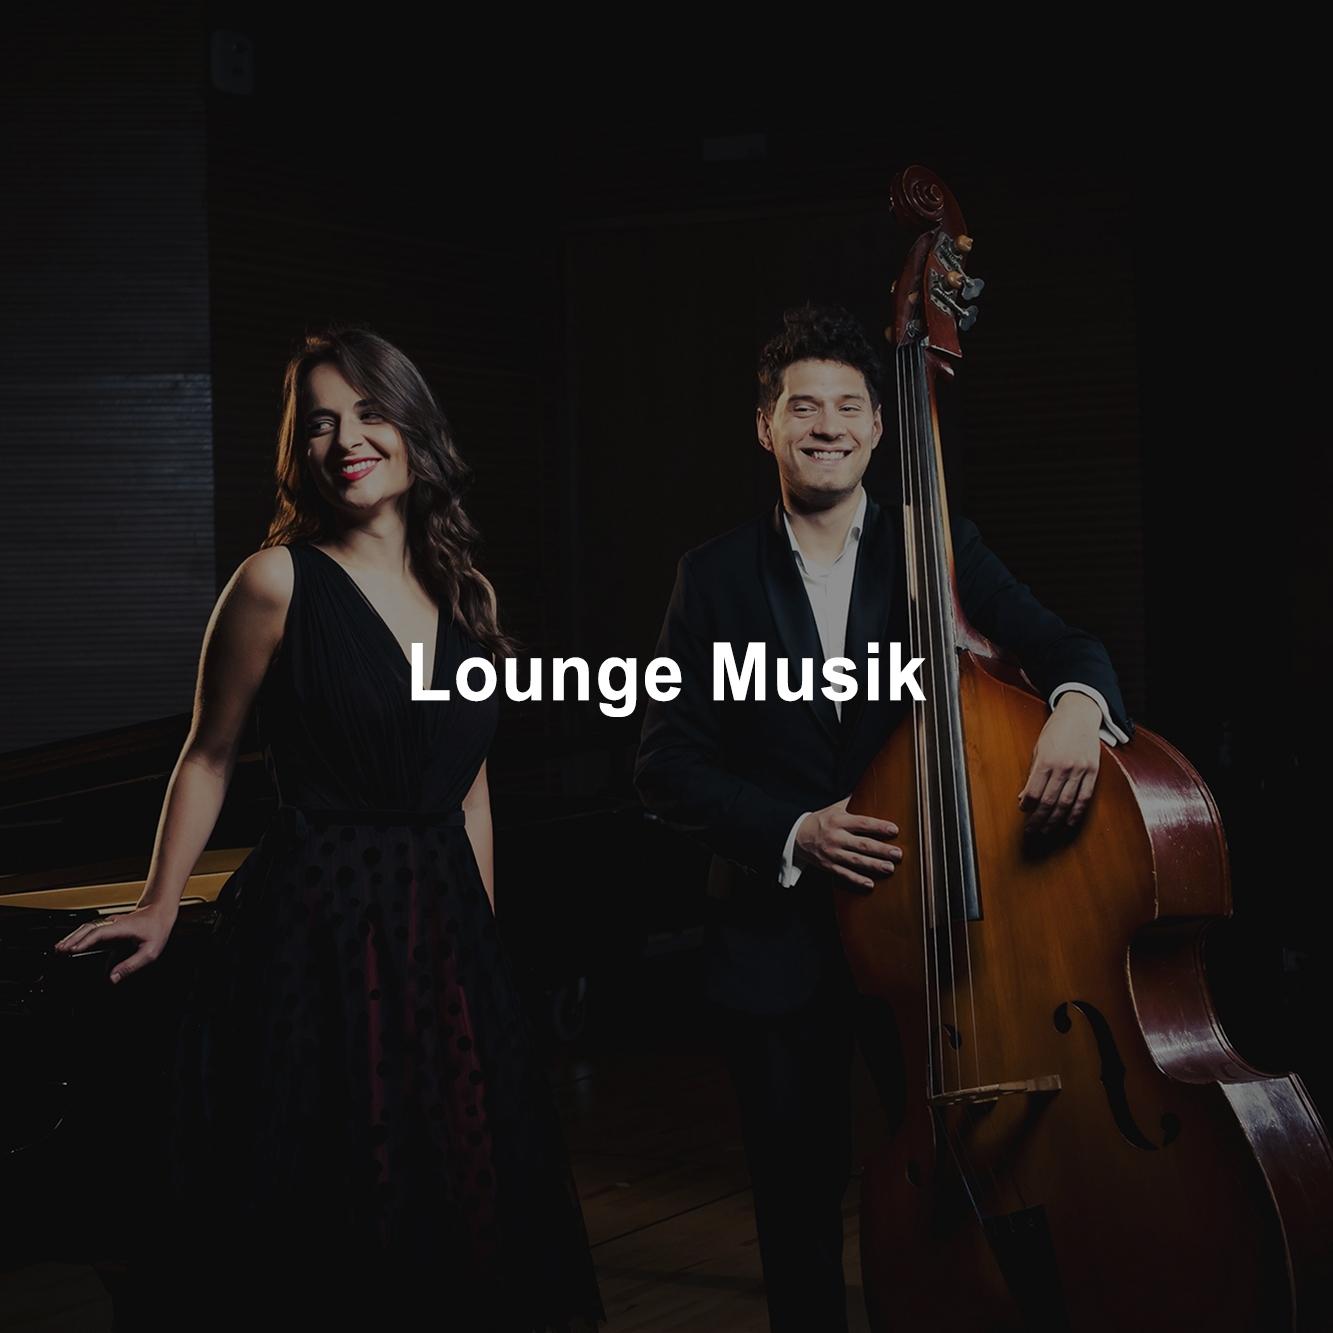 Lounge Musik ist perfekt als Hintergrundmusik bei jedem Anlass